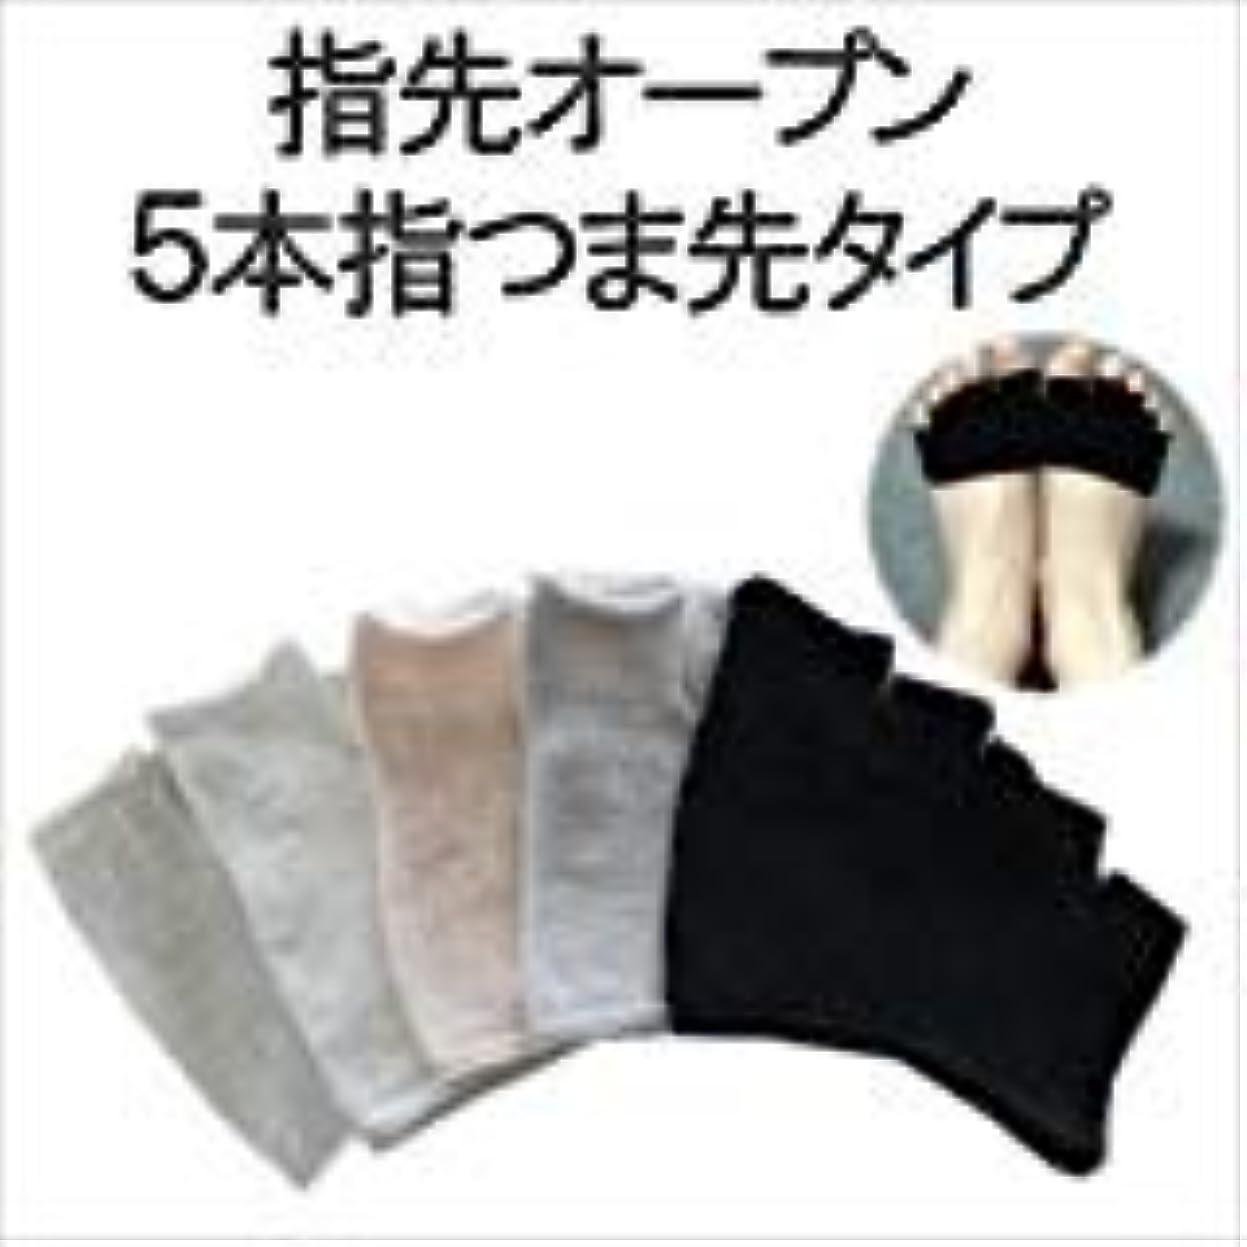 汚染やめる素晴らしさ重ね履き用 5本指 指先オープン 汗 臭い対策 男女兼用 太陽ニット 310 (ブラック)